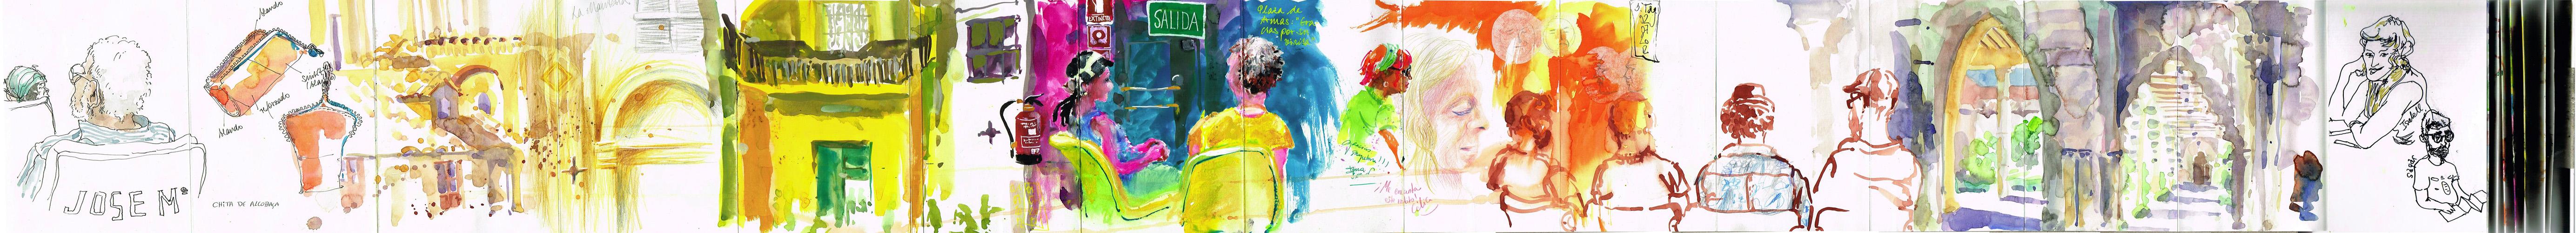 Zaragoza: De vuelta con el cuaderno IV